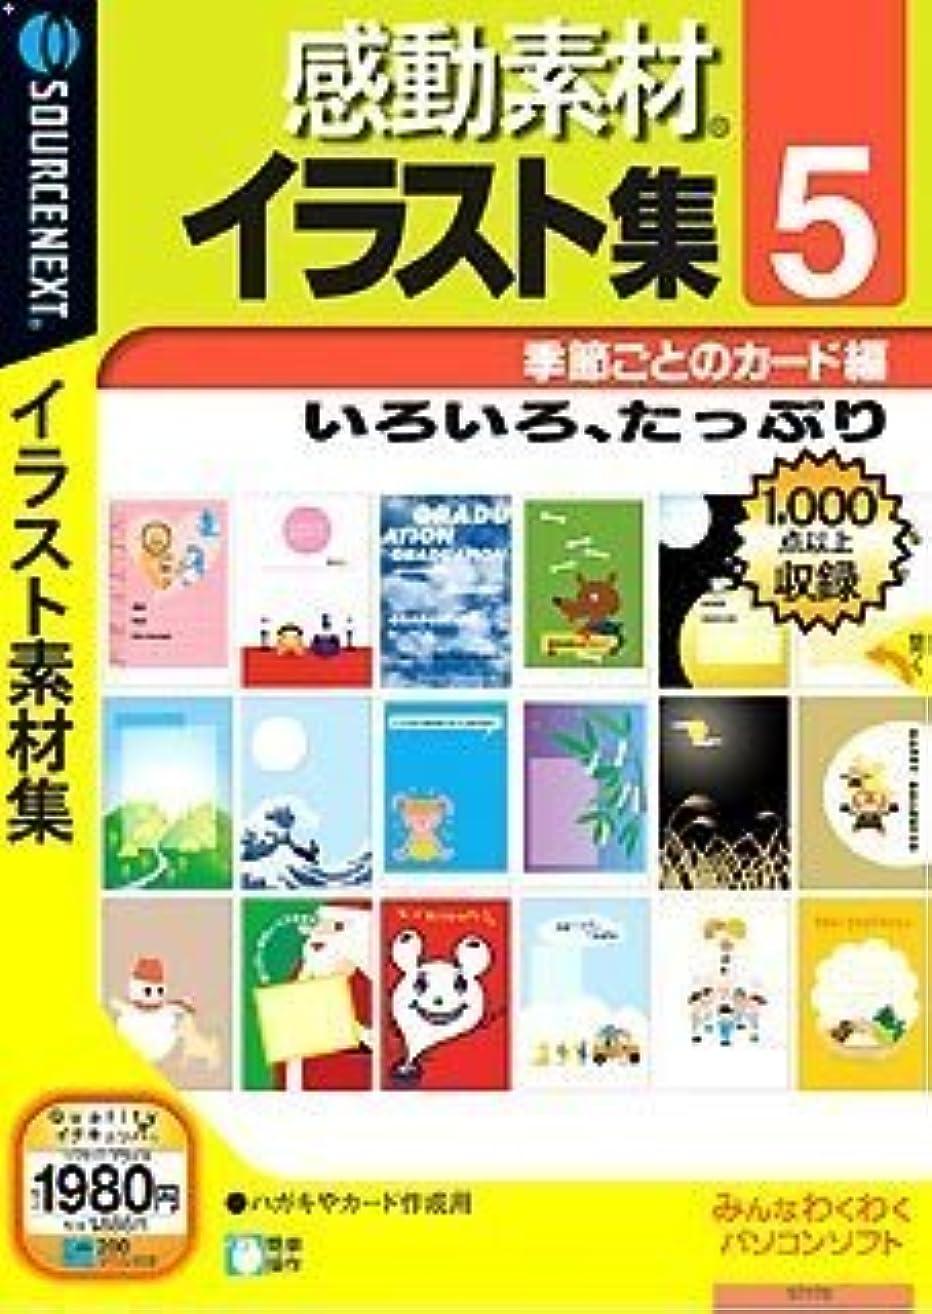 感動素材イラスト集 5 季節ごとのカード編 (説明扉付きスリムパッケージ版)